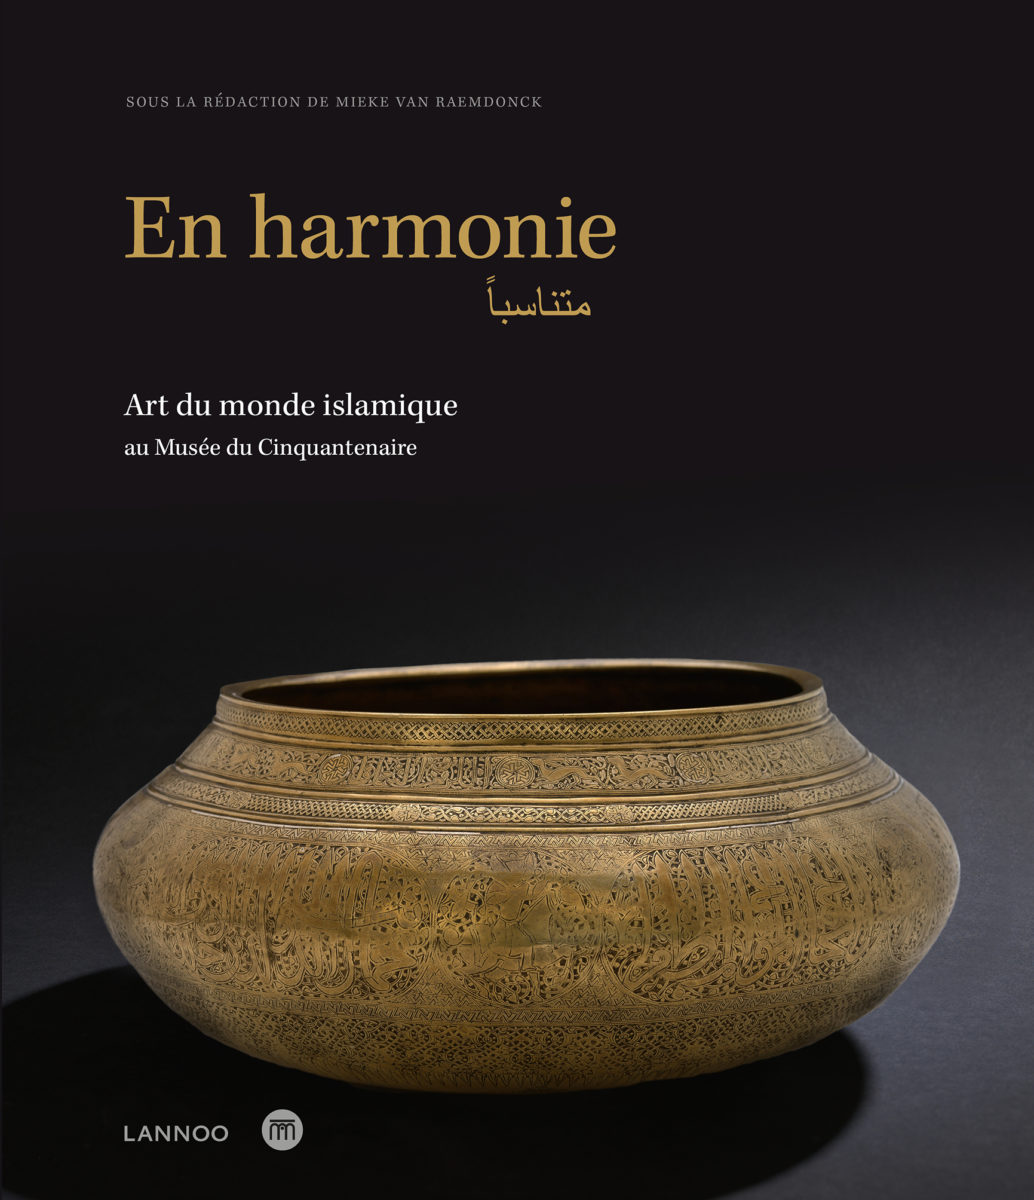 , En harmonie Art du monde islamique au Musée du Cinquantenaire